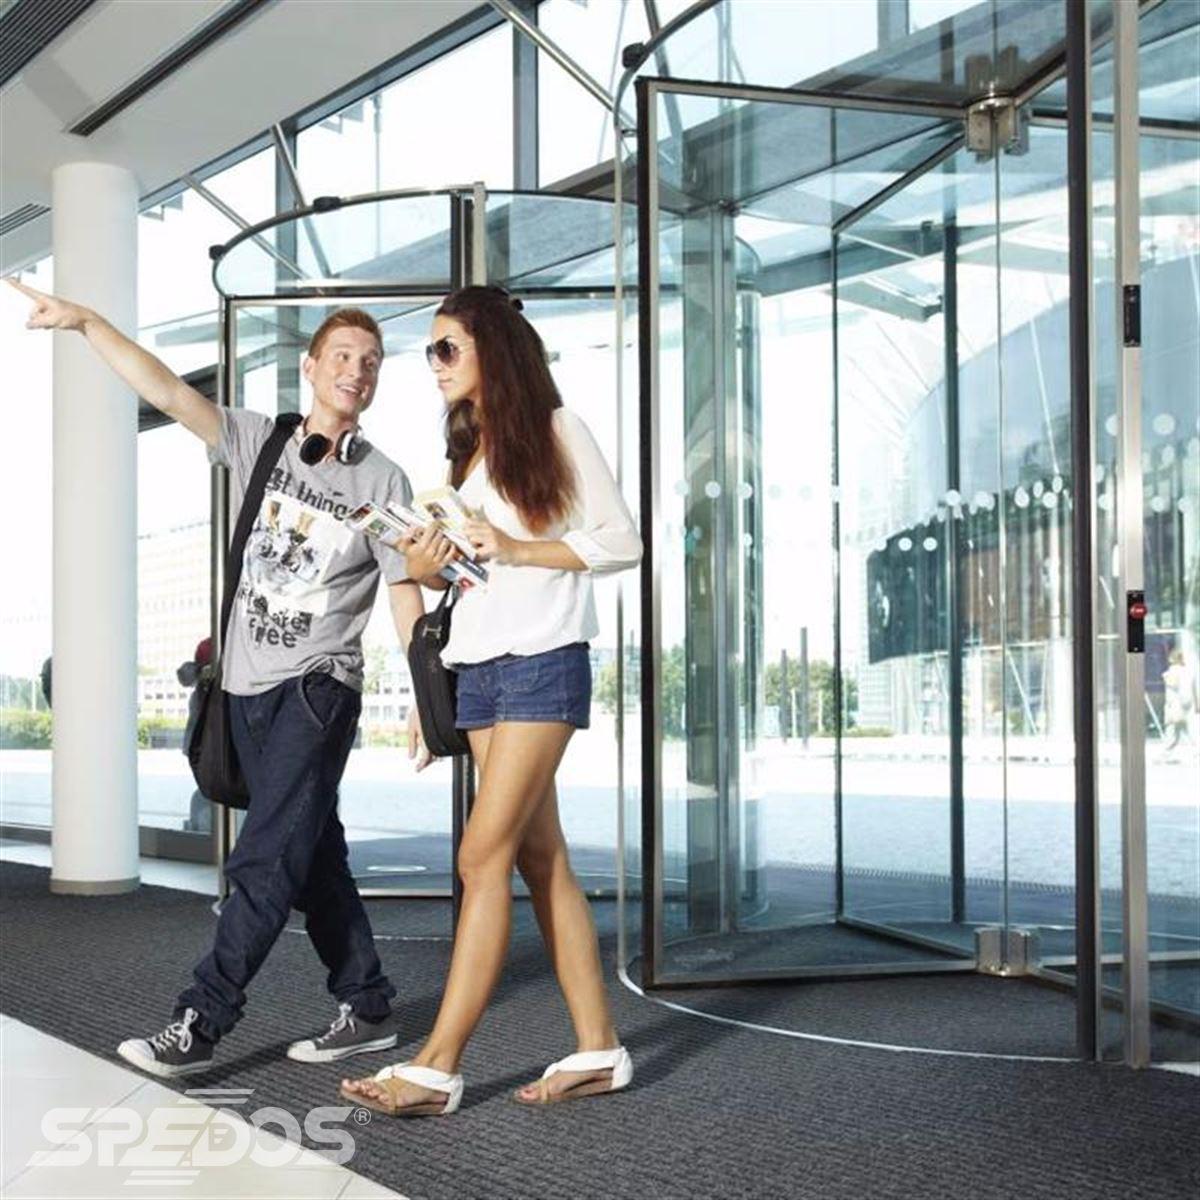 prosklené turniketové dveře Spedos